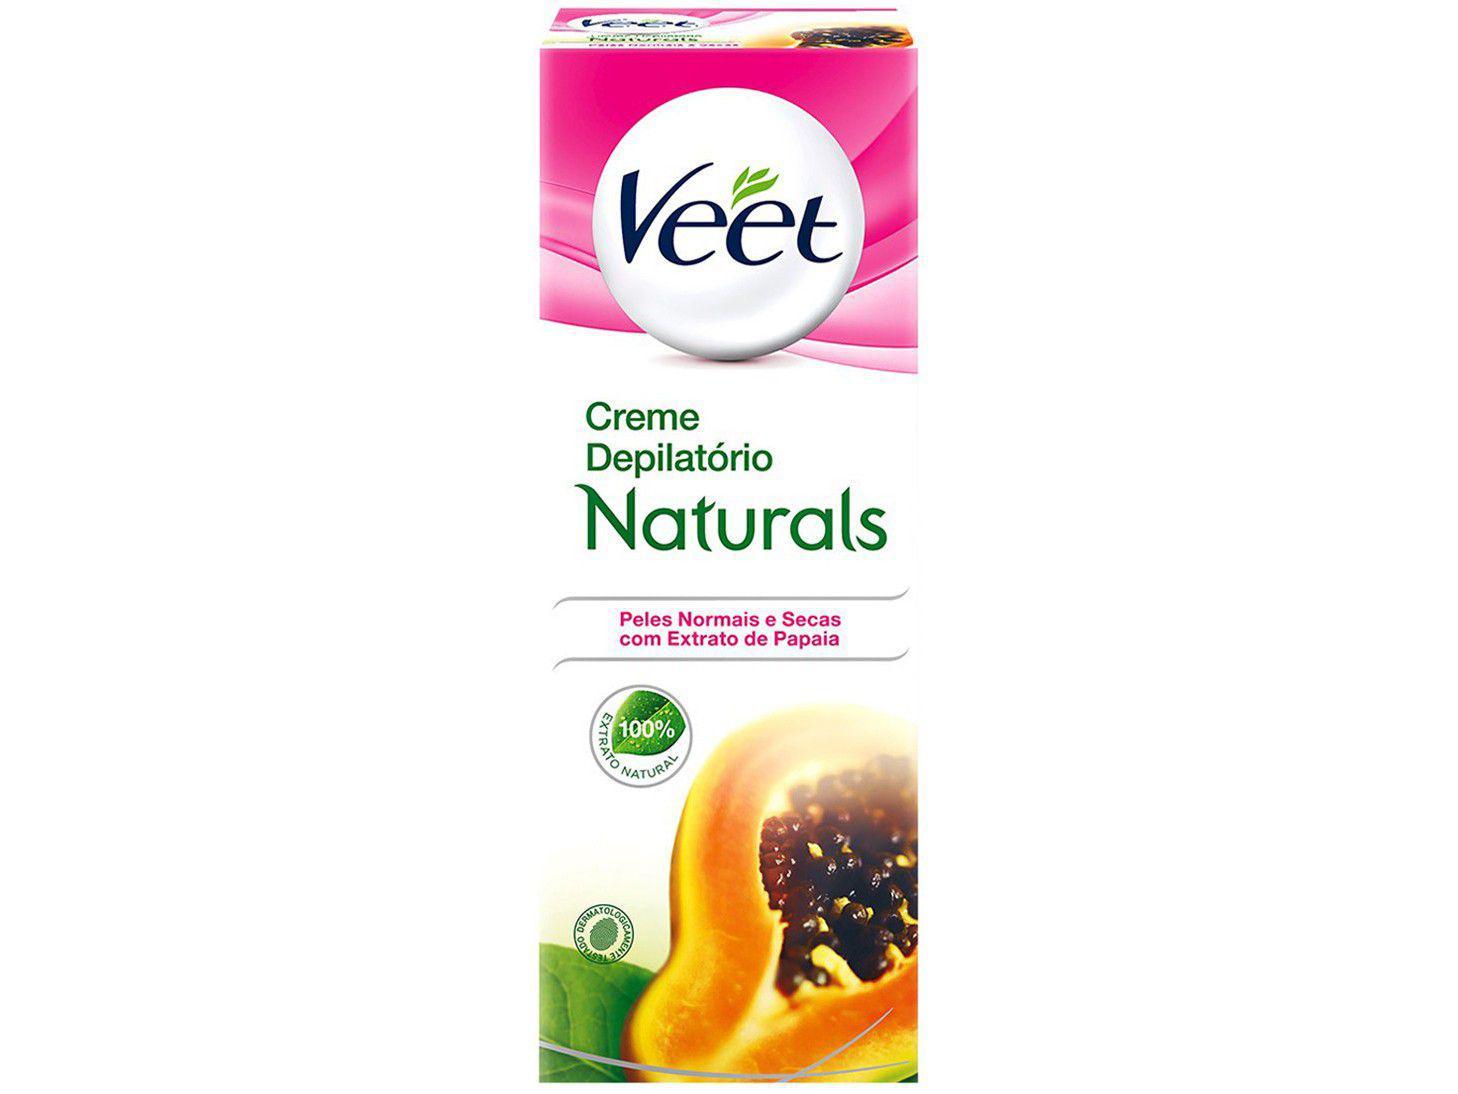 Creme Depilatório Veet Peles Normais e Secas - Naturals Extrato de Papaia Corporal Feminina 100ml